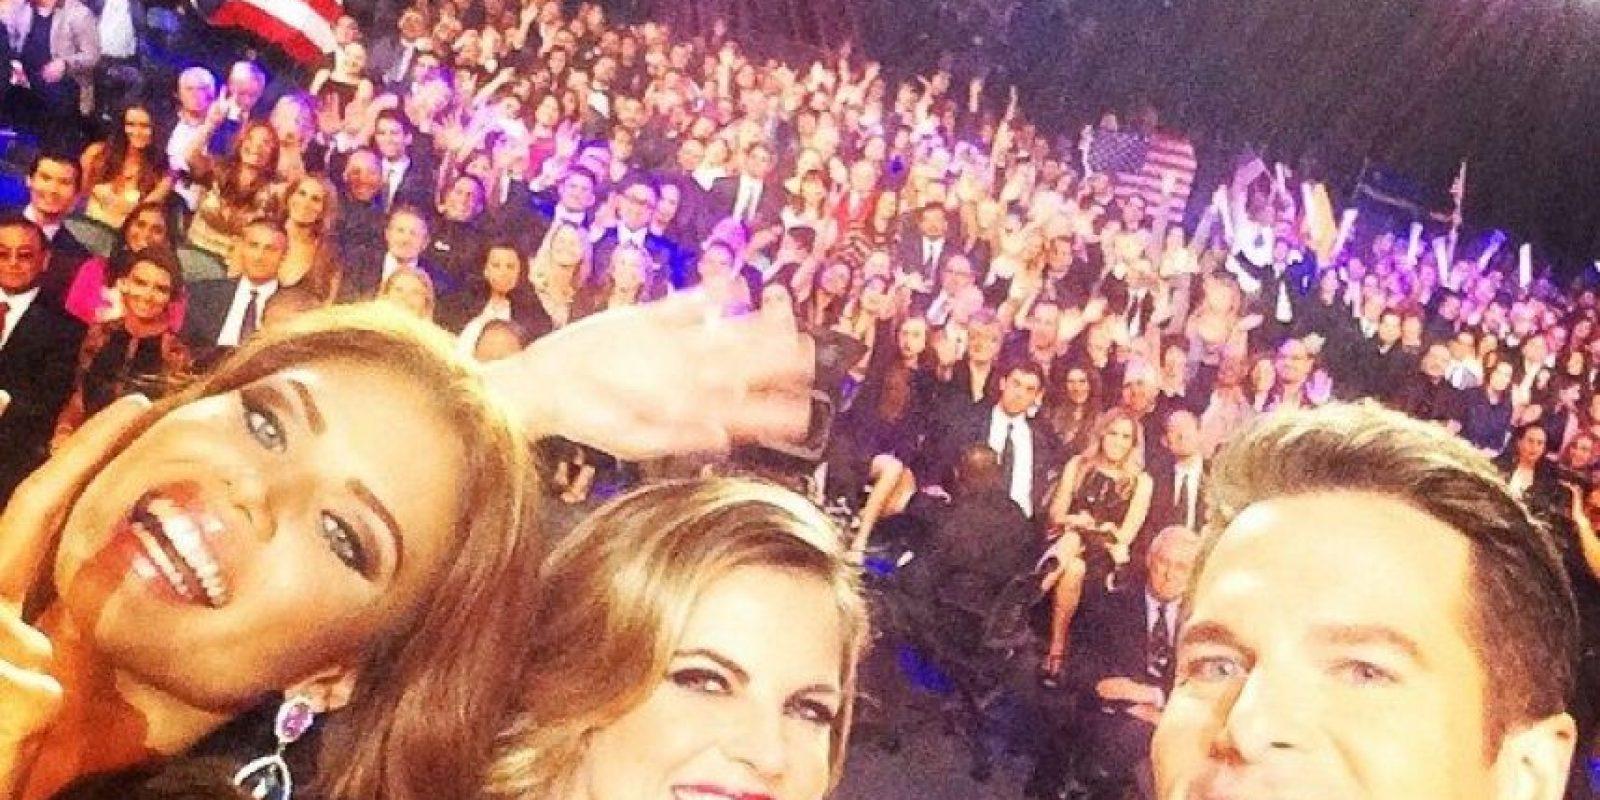 Gabriela Berríos junto a los conductores del evento. Se tomaron un selfie para celebrar el título de Miss Fotogénica Foto:www.facebook.com/MissUniverse/